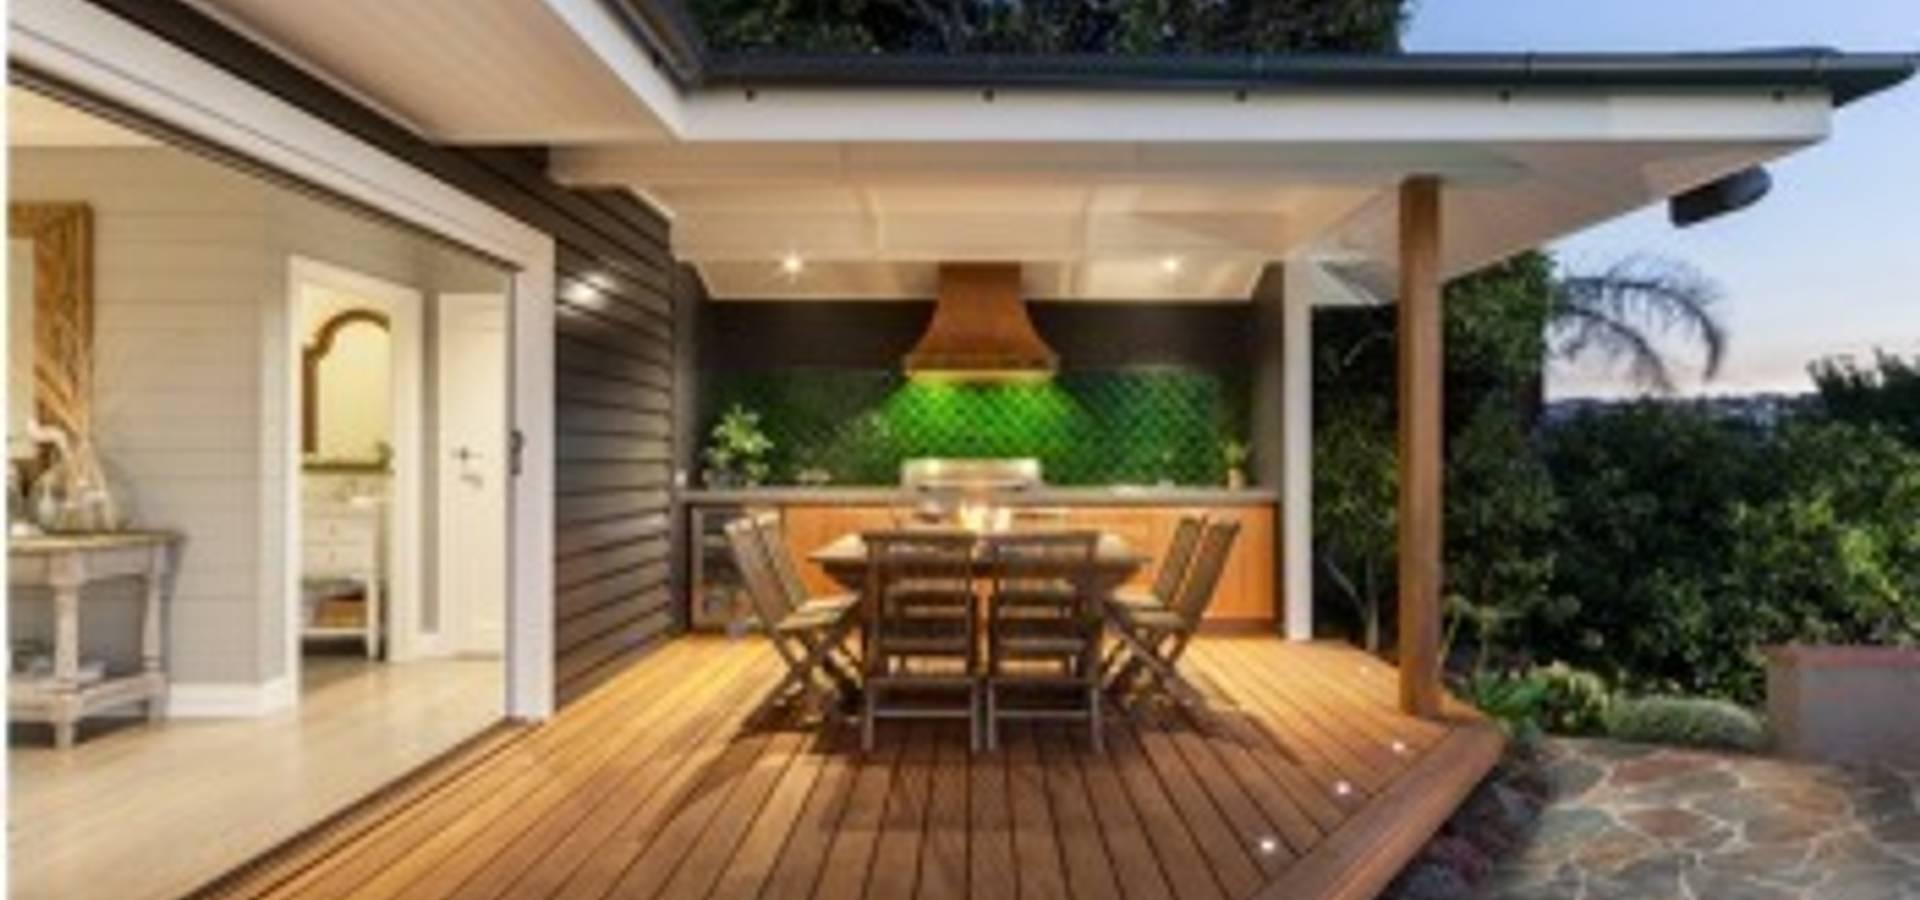 дизайн закрытого крыльца частного дома фото современных дворов #9